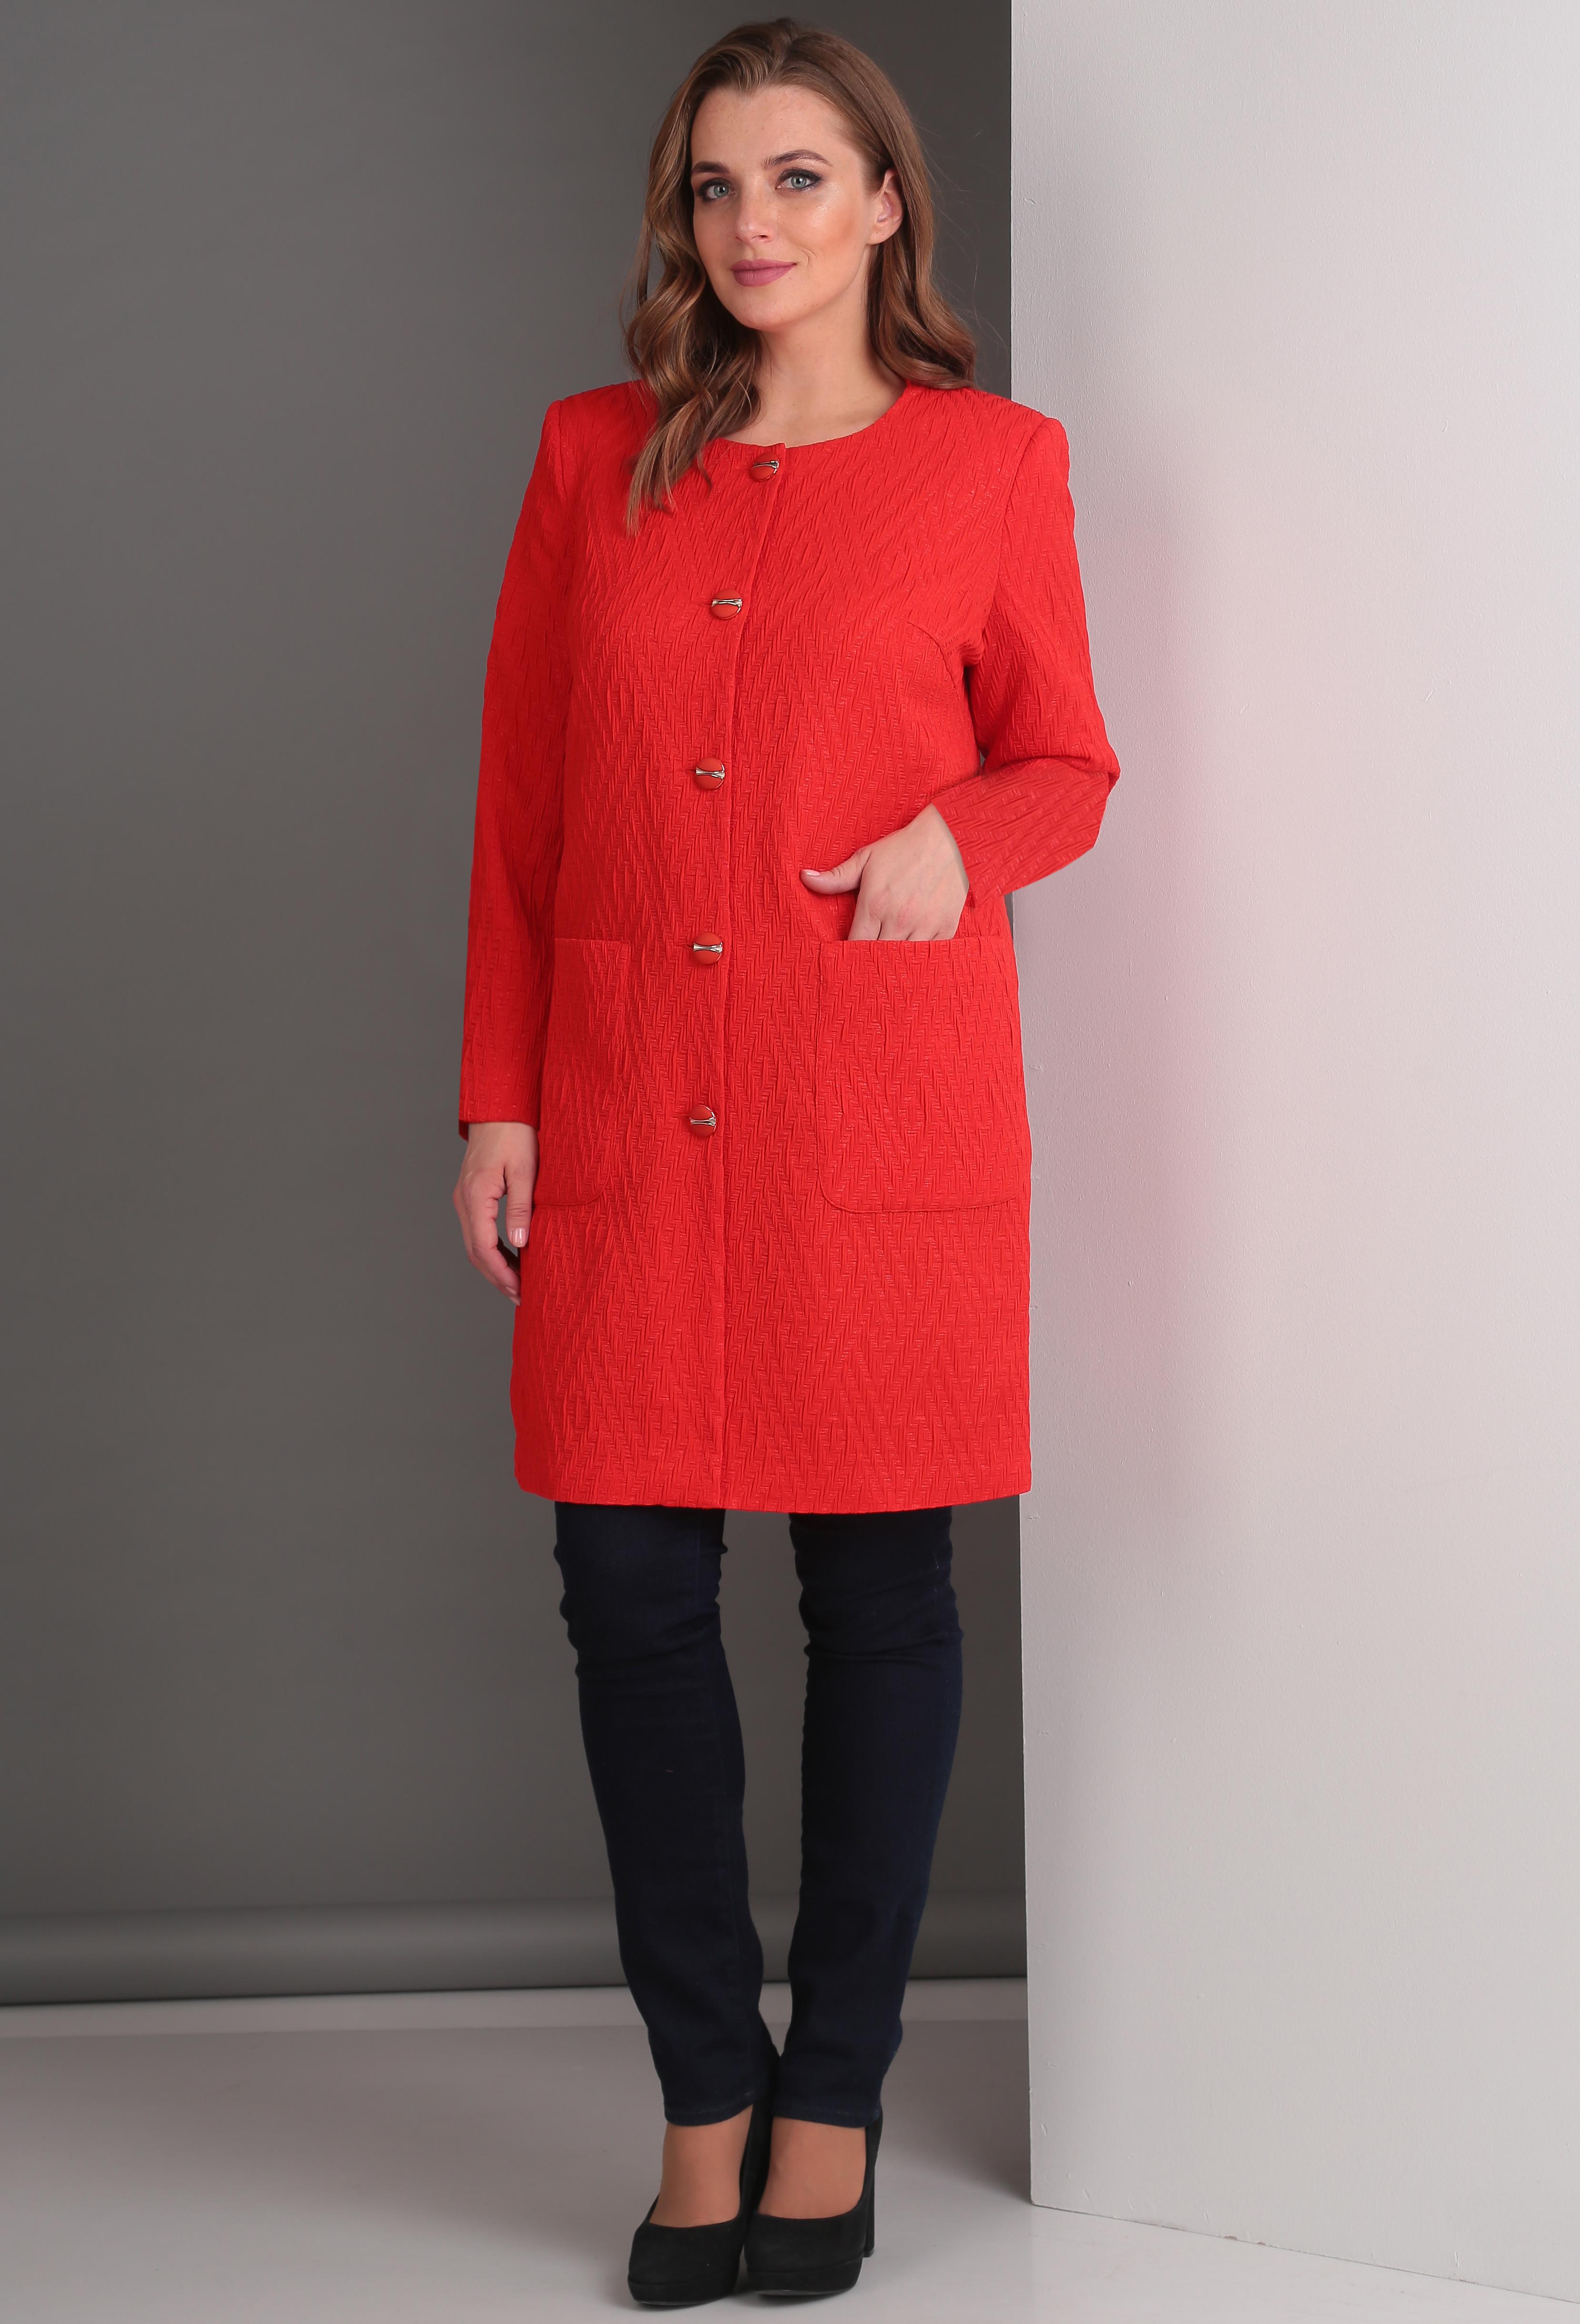 Пальто Anastasia Mak 361A красный